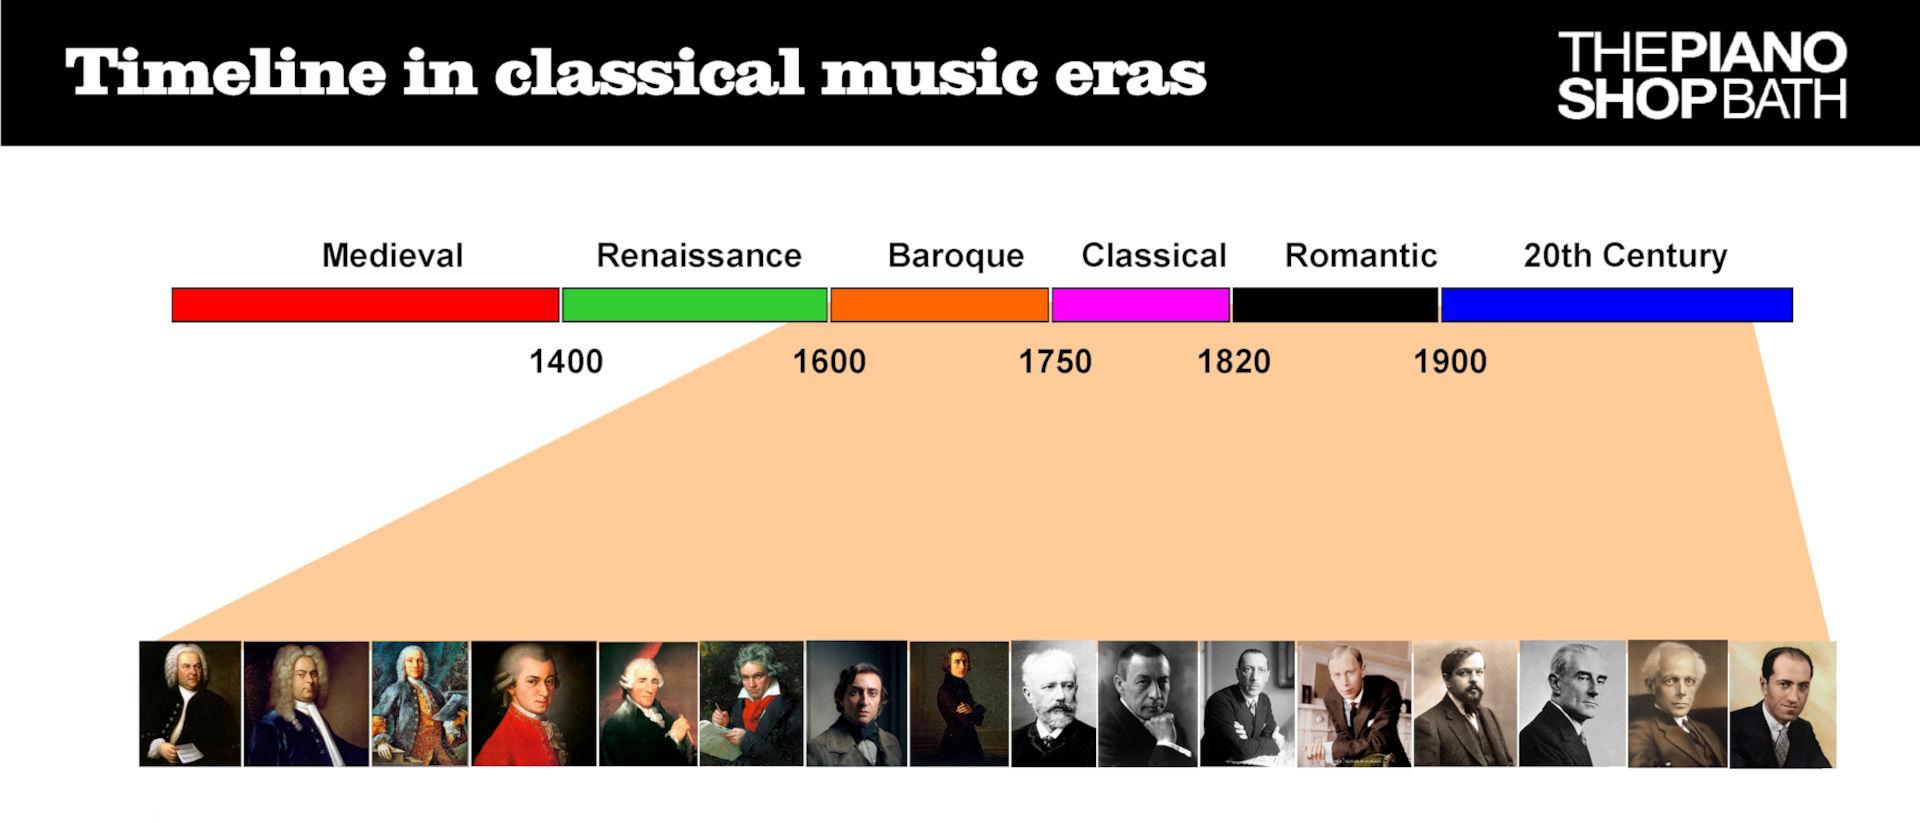 Eras of Classical Music